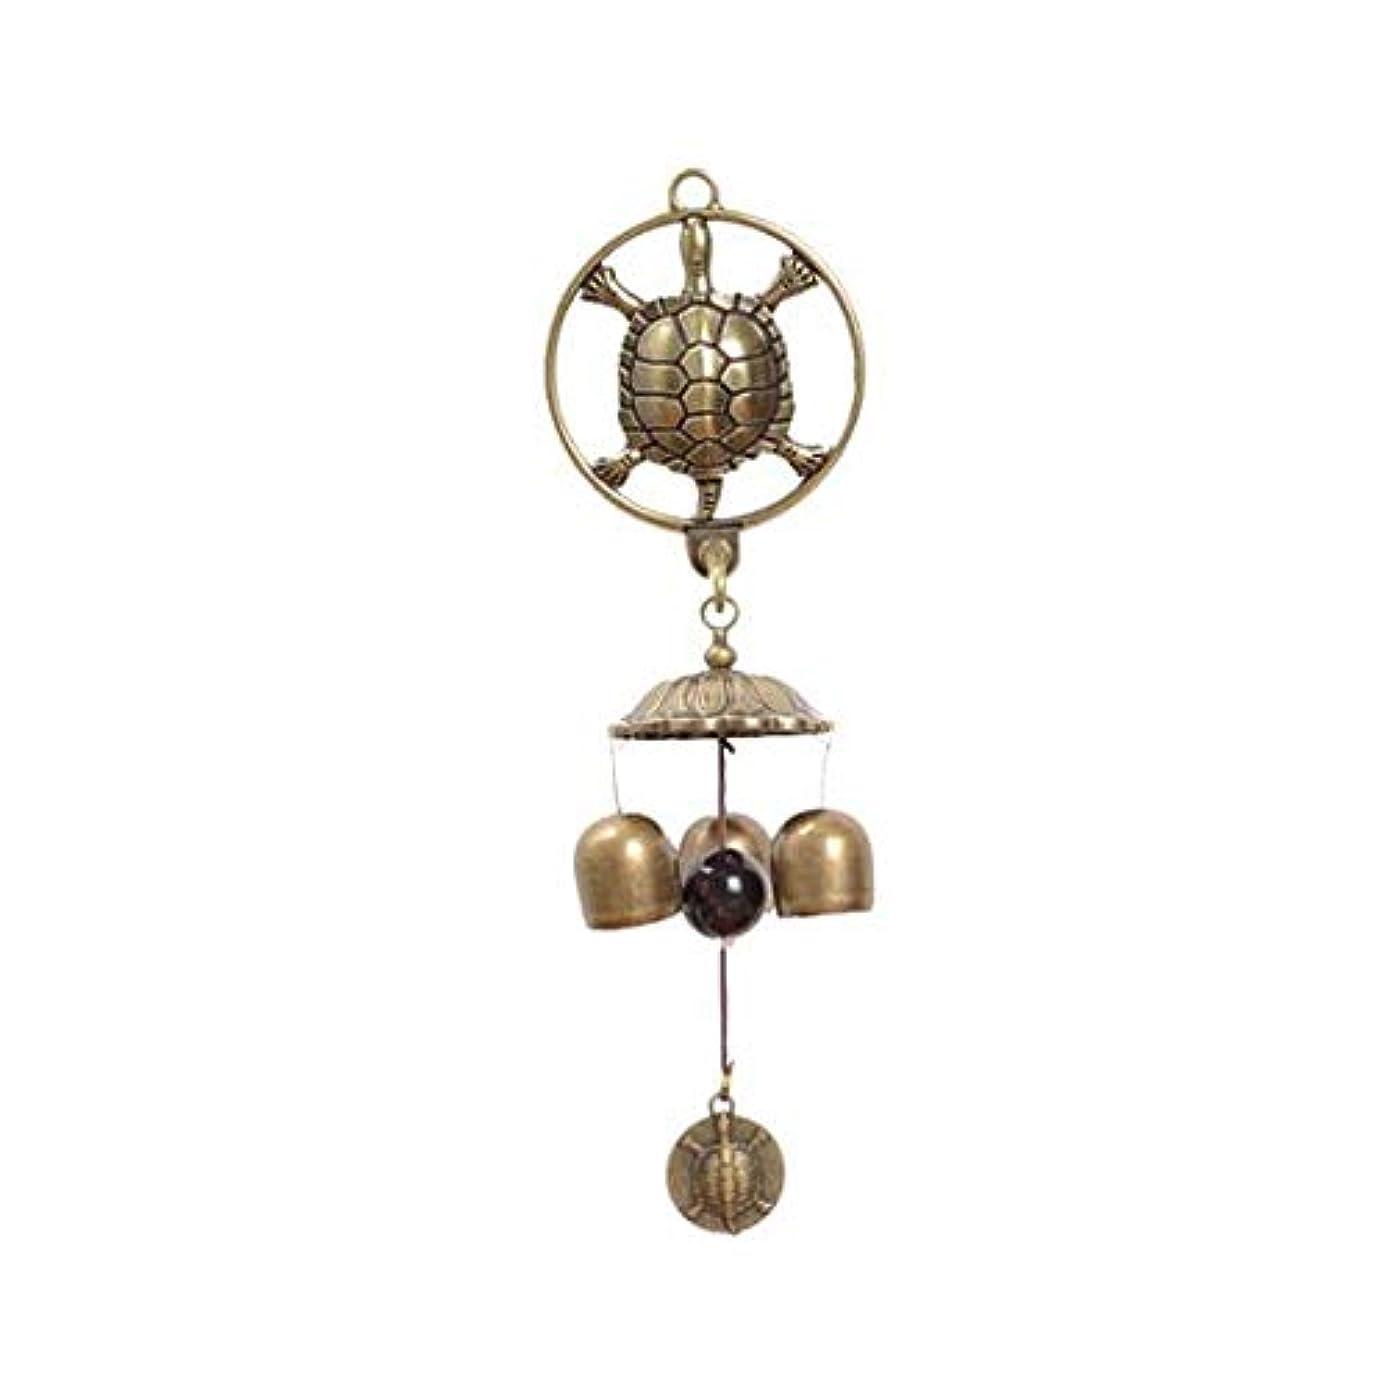 ポーンジャンル睡眠風チャイム、3つの純銅ベル、ホームデコレーション、メタル自吸式風チャイム、 (Color : 1, Size : 25cm)